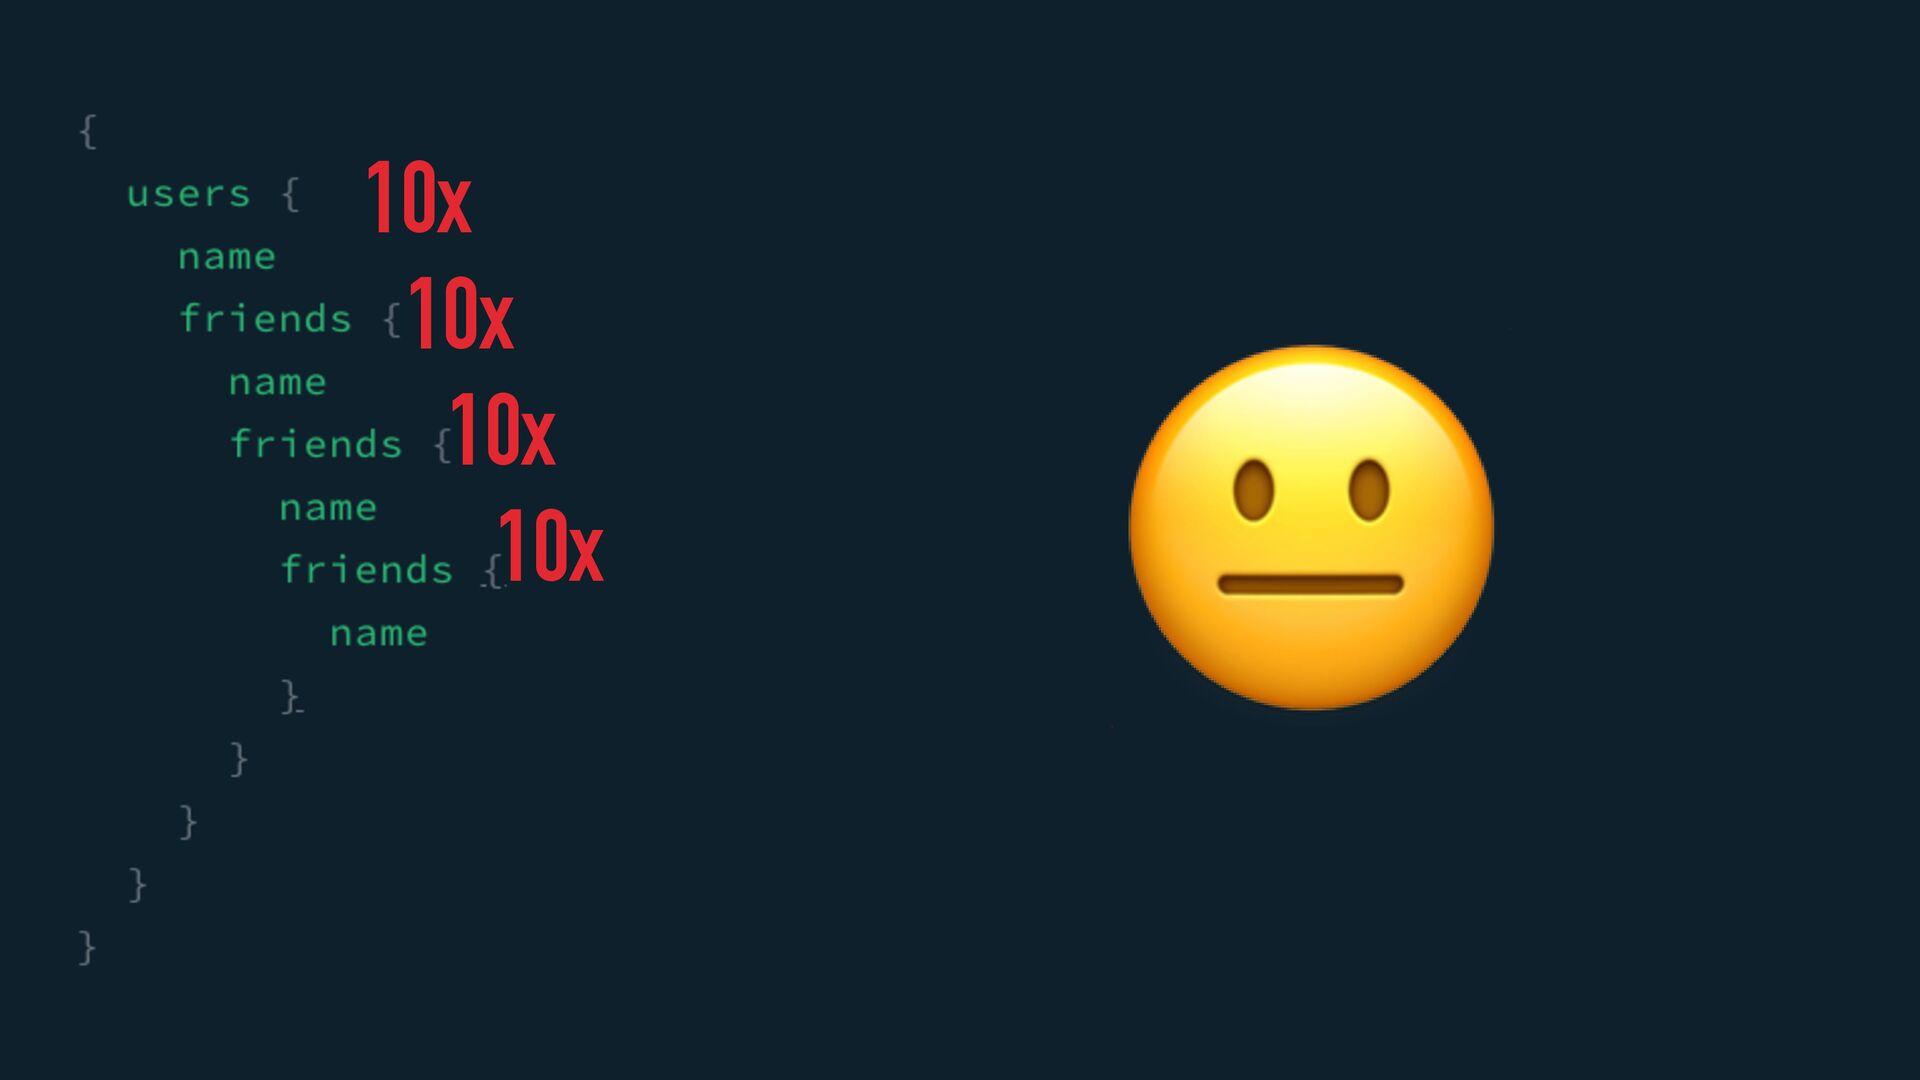 DOSTAJEMY 10 000 ELEMENTÓW 10x 10x 10x 10x 😐